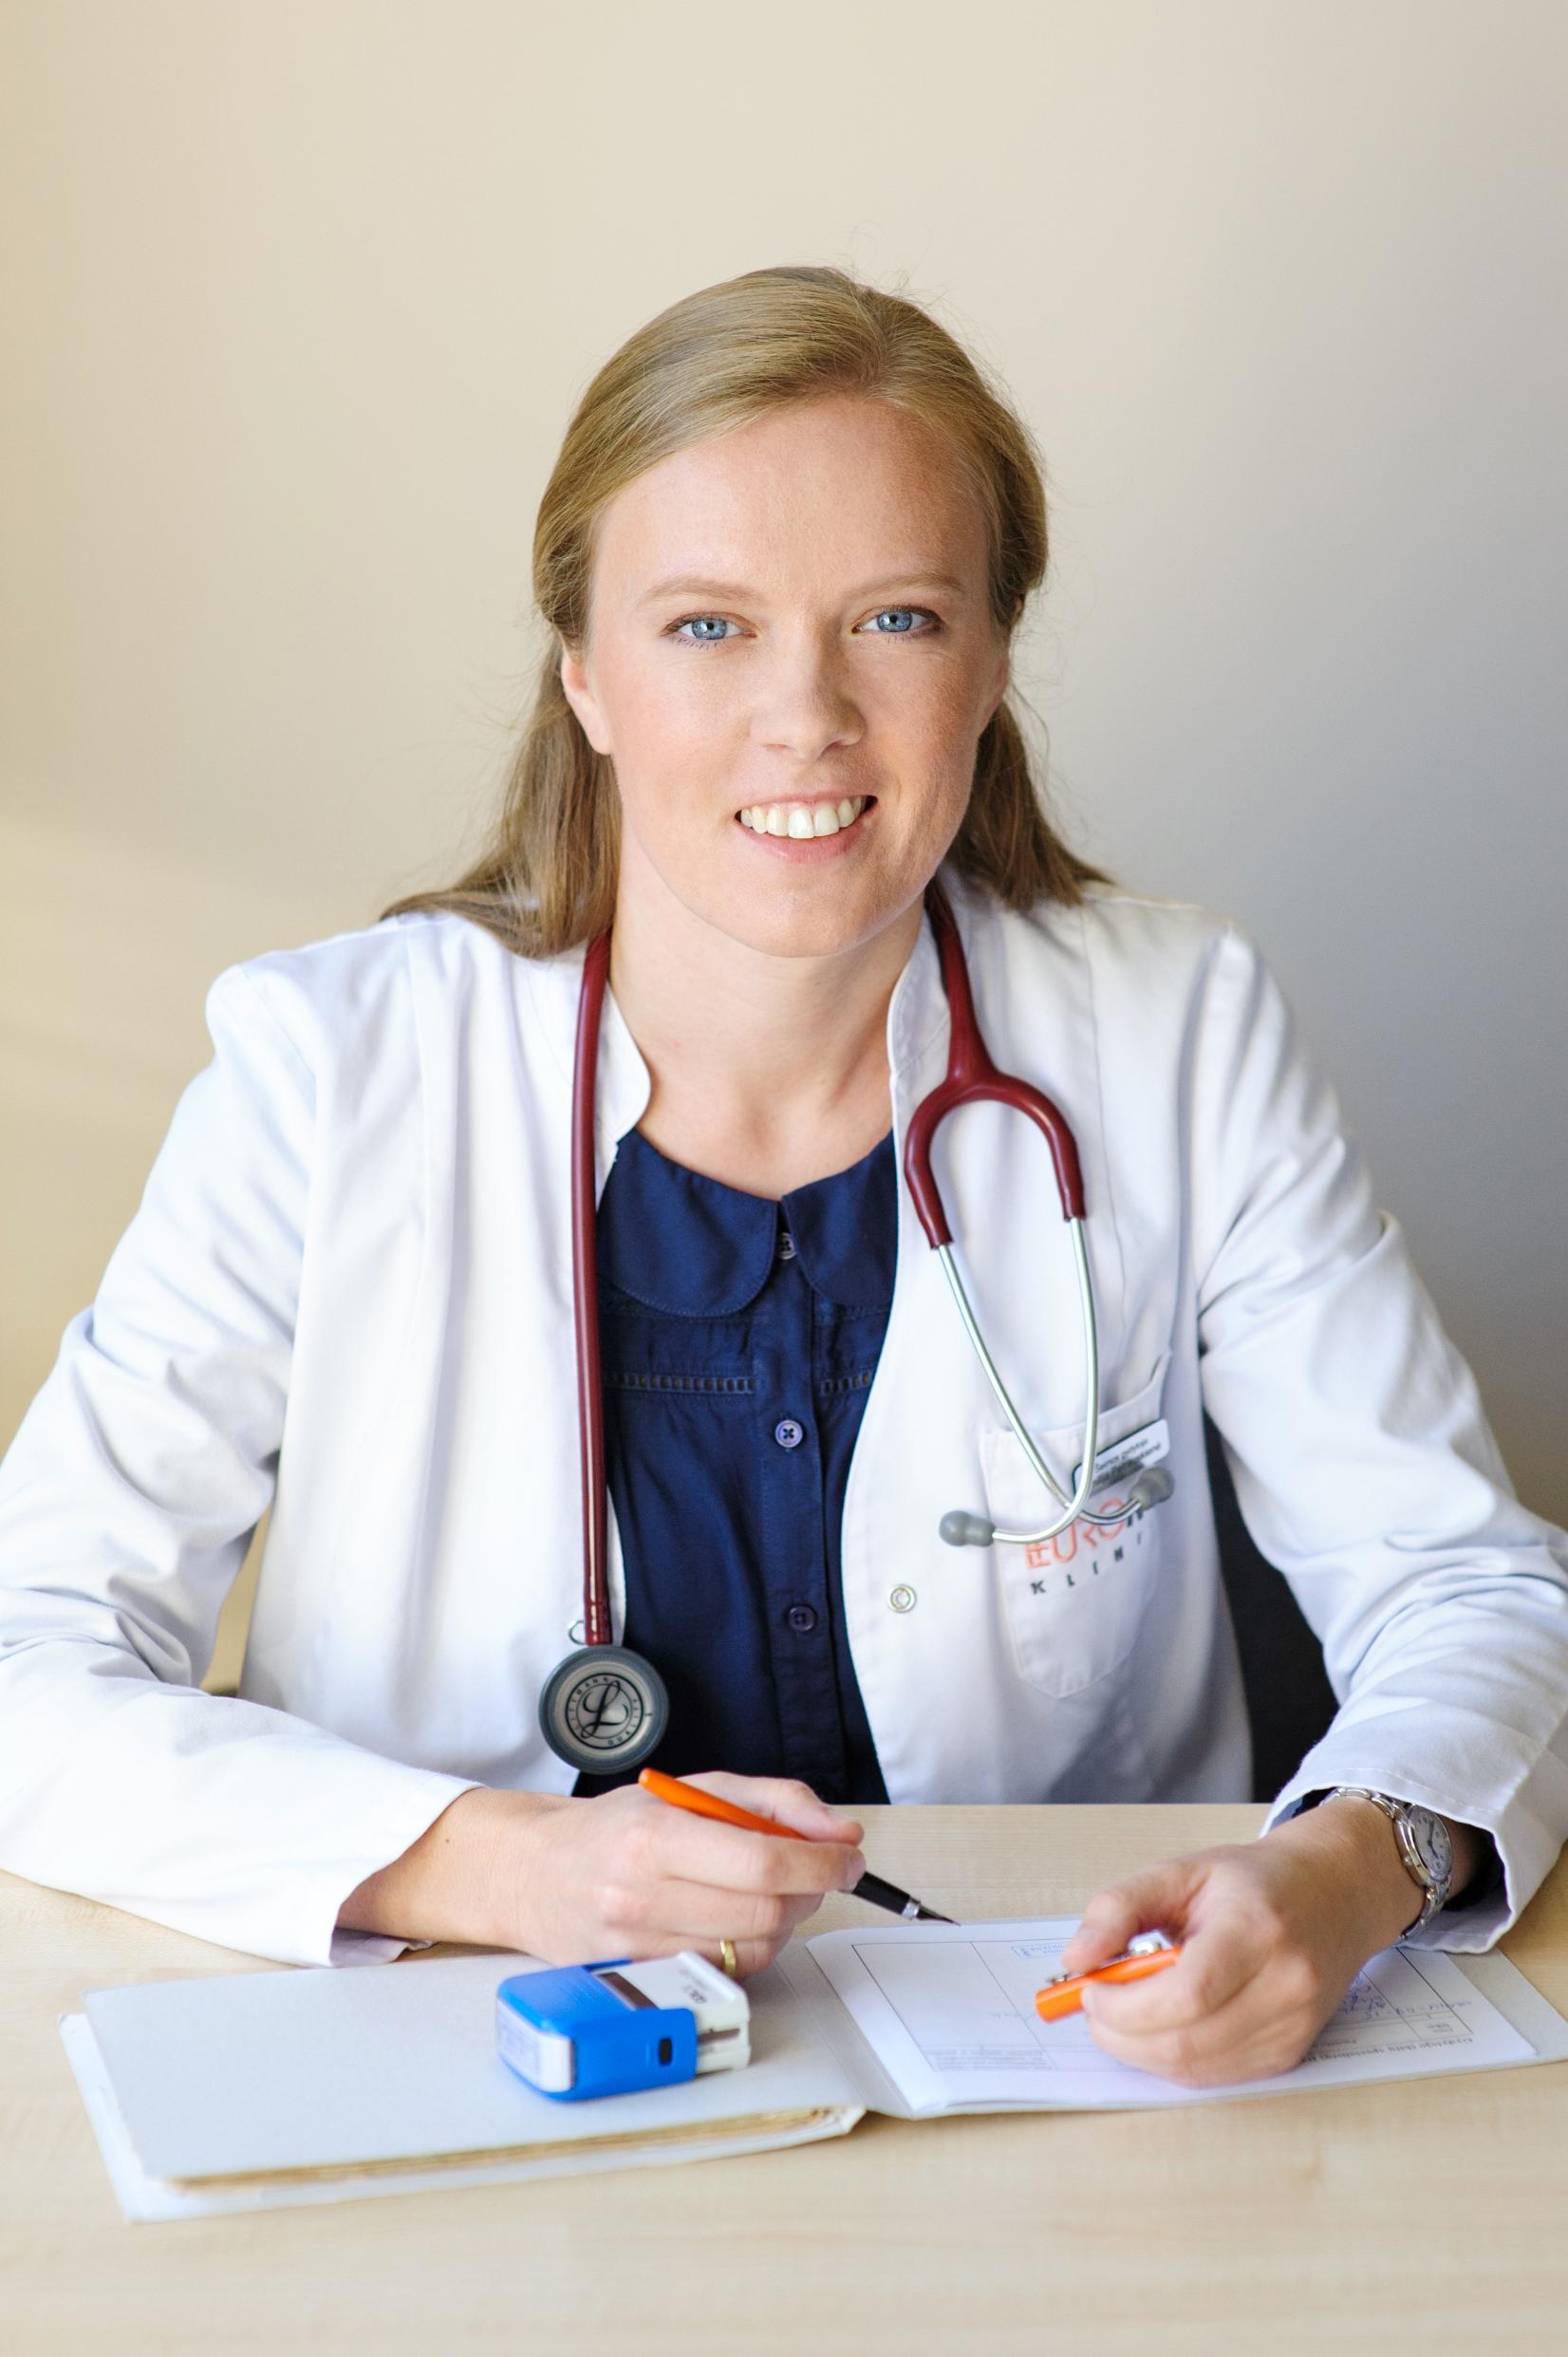 Emilija Petrauskienė | Asmeninio archyvo nuotr.